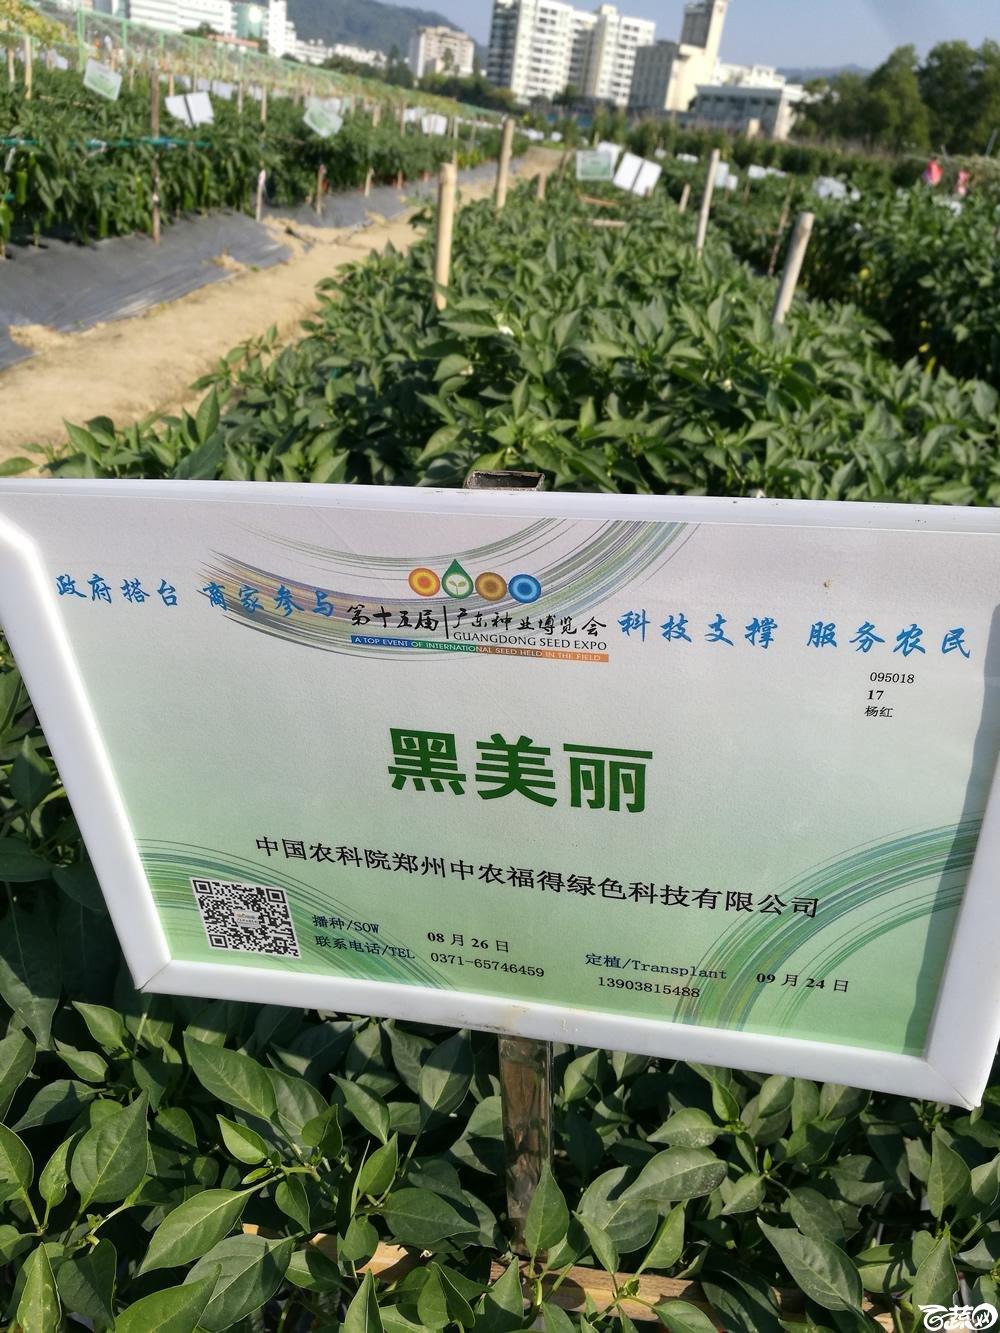 2016年15届广东种博会,郑州中农福得公司黑美丽线椒_001.jpg